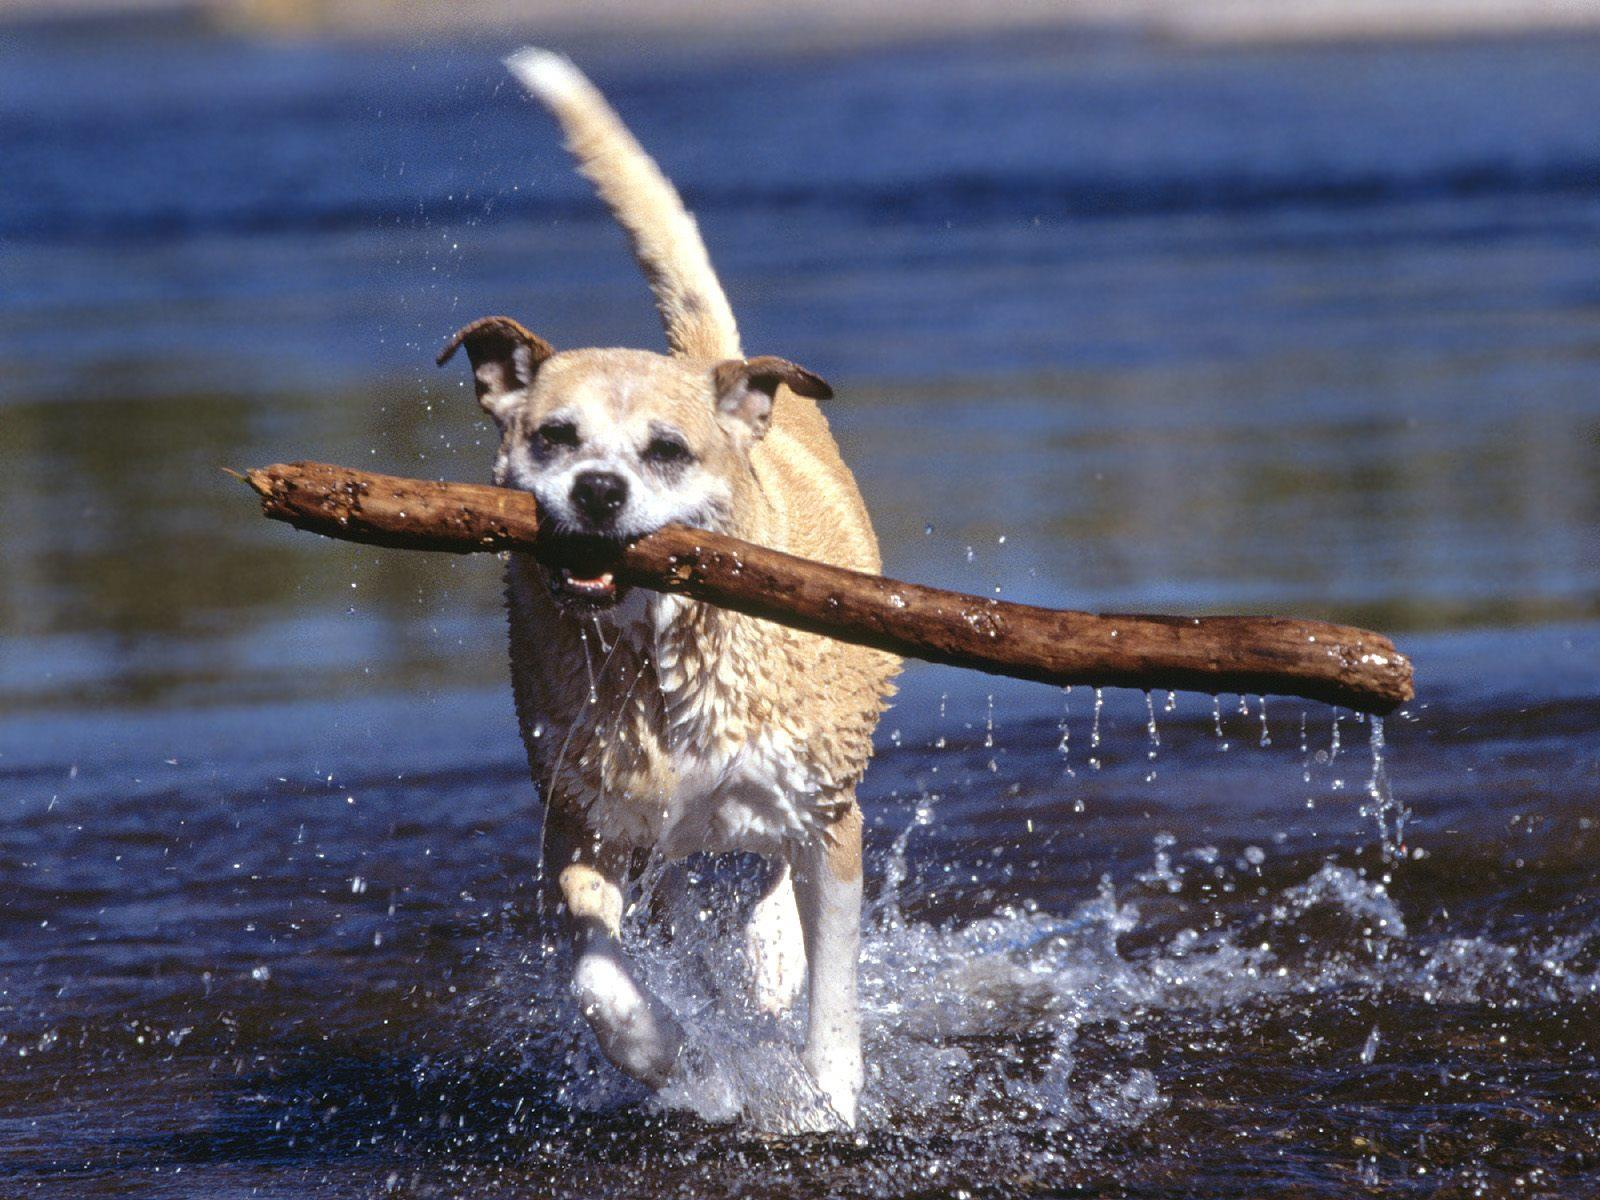 chiens-photographies-telechargement-gratuit-hd_02